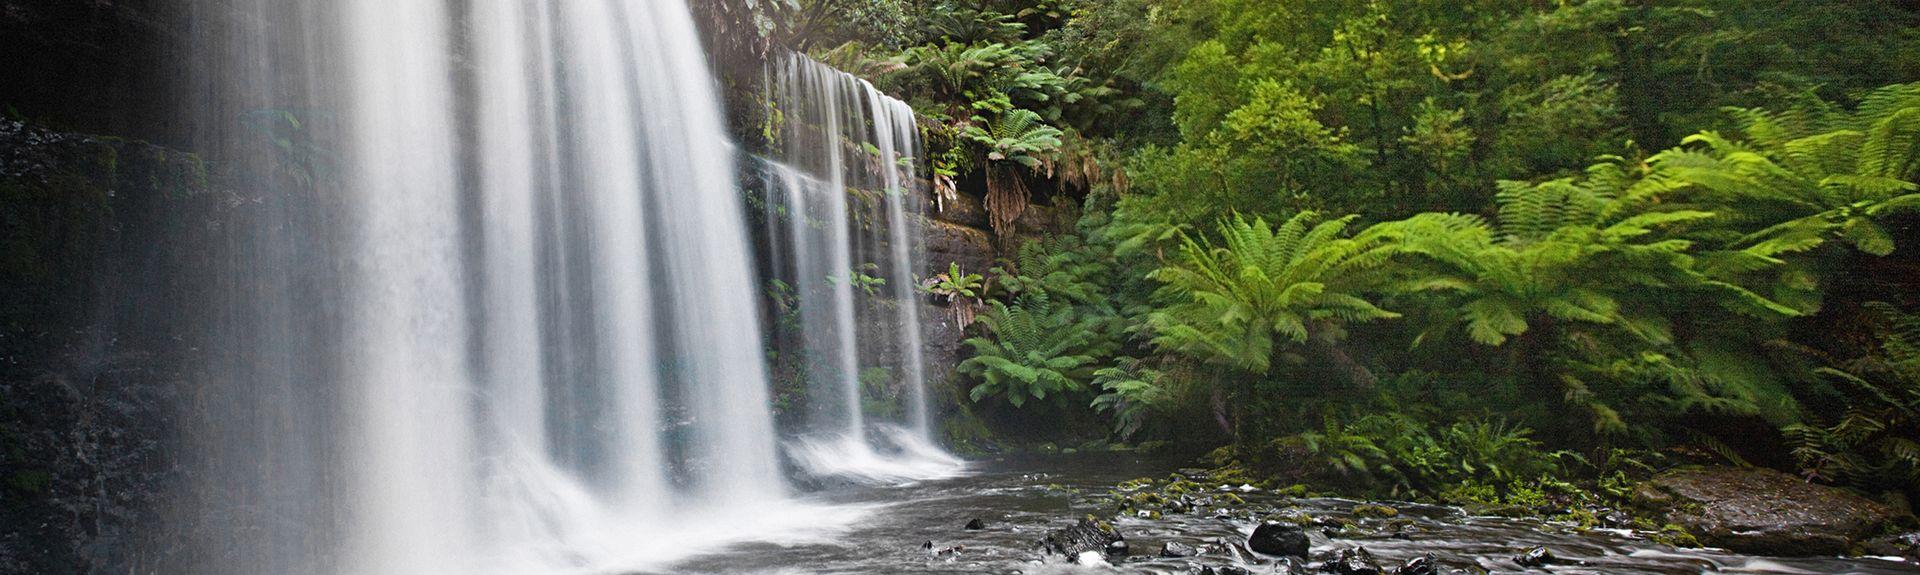 Derwent Valley, Tasmanien, Australien